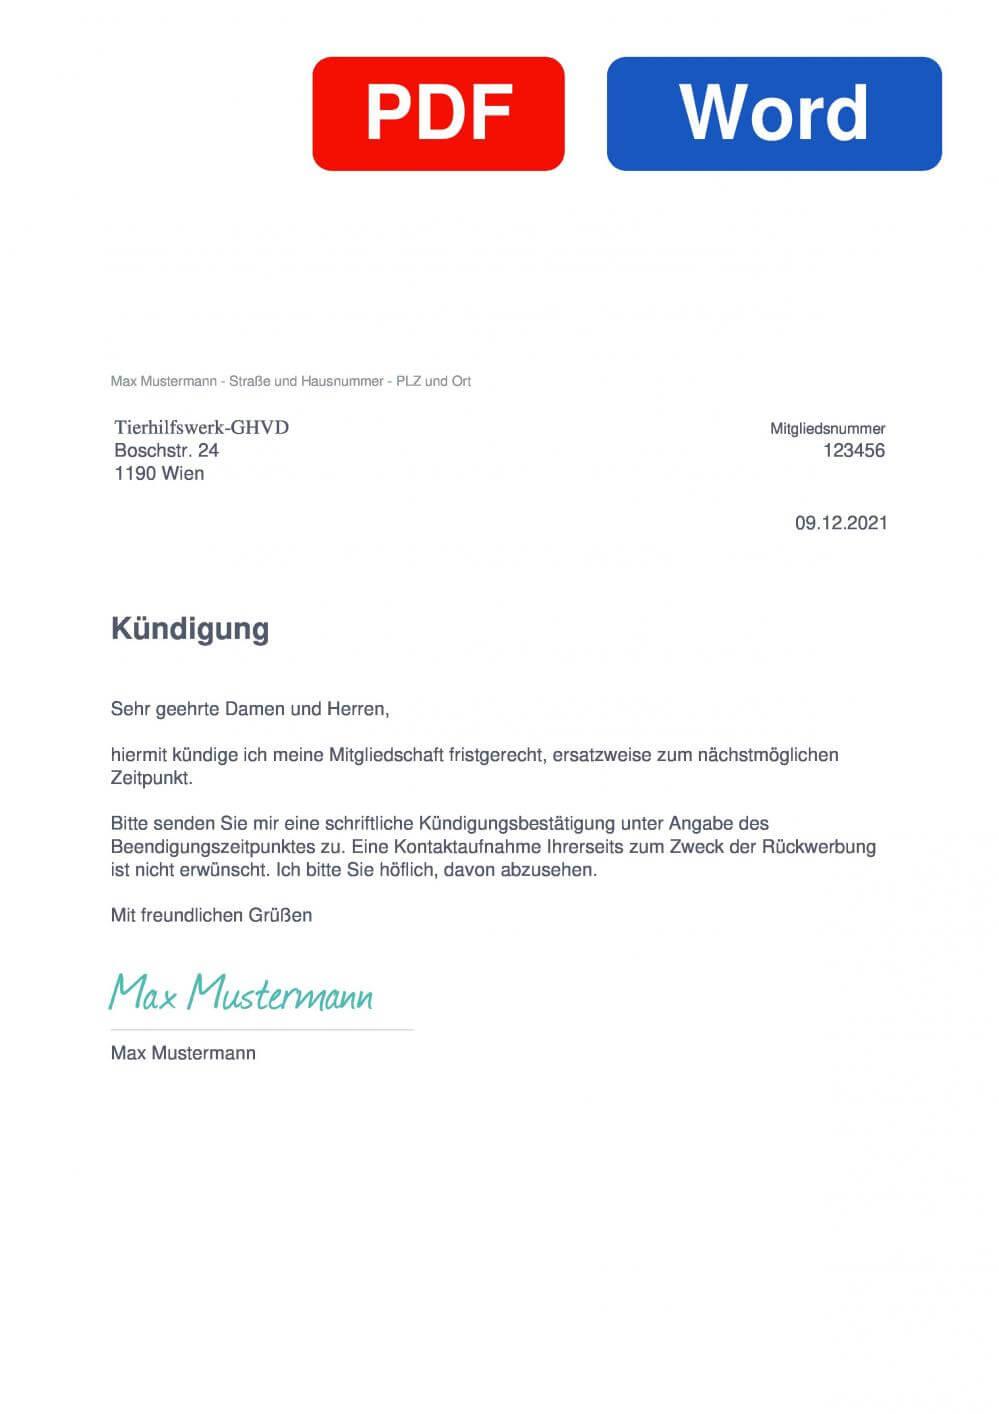 Tierhilfswerk Austria Muster Vorlage für Kündigungsschreiben